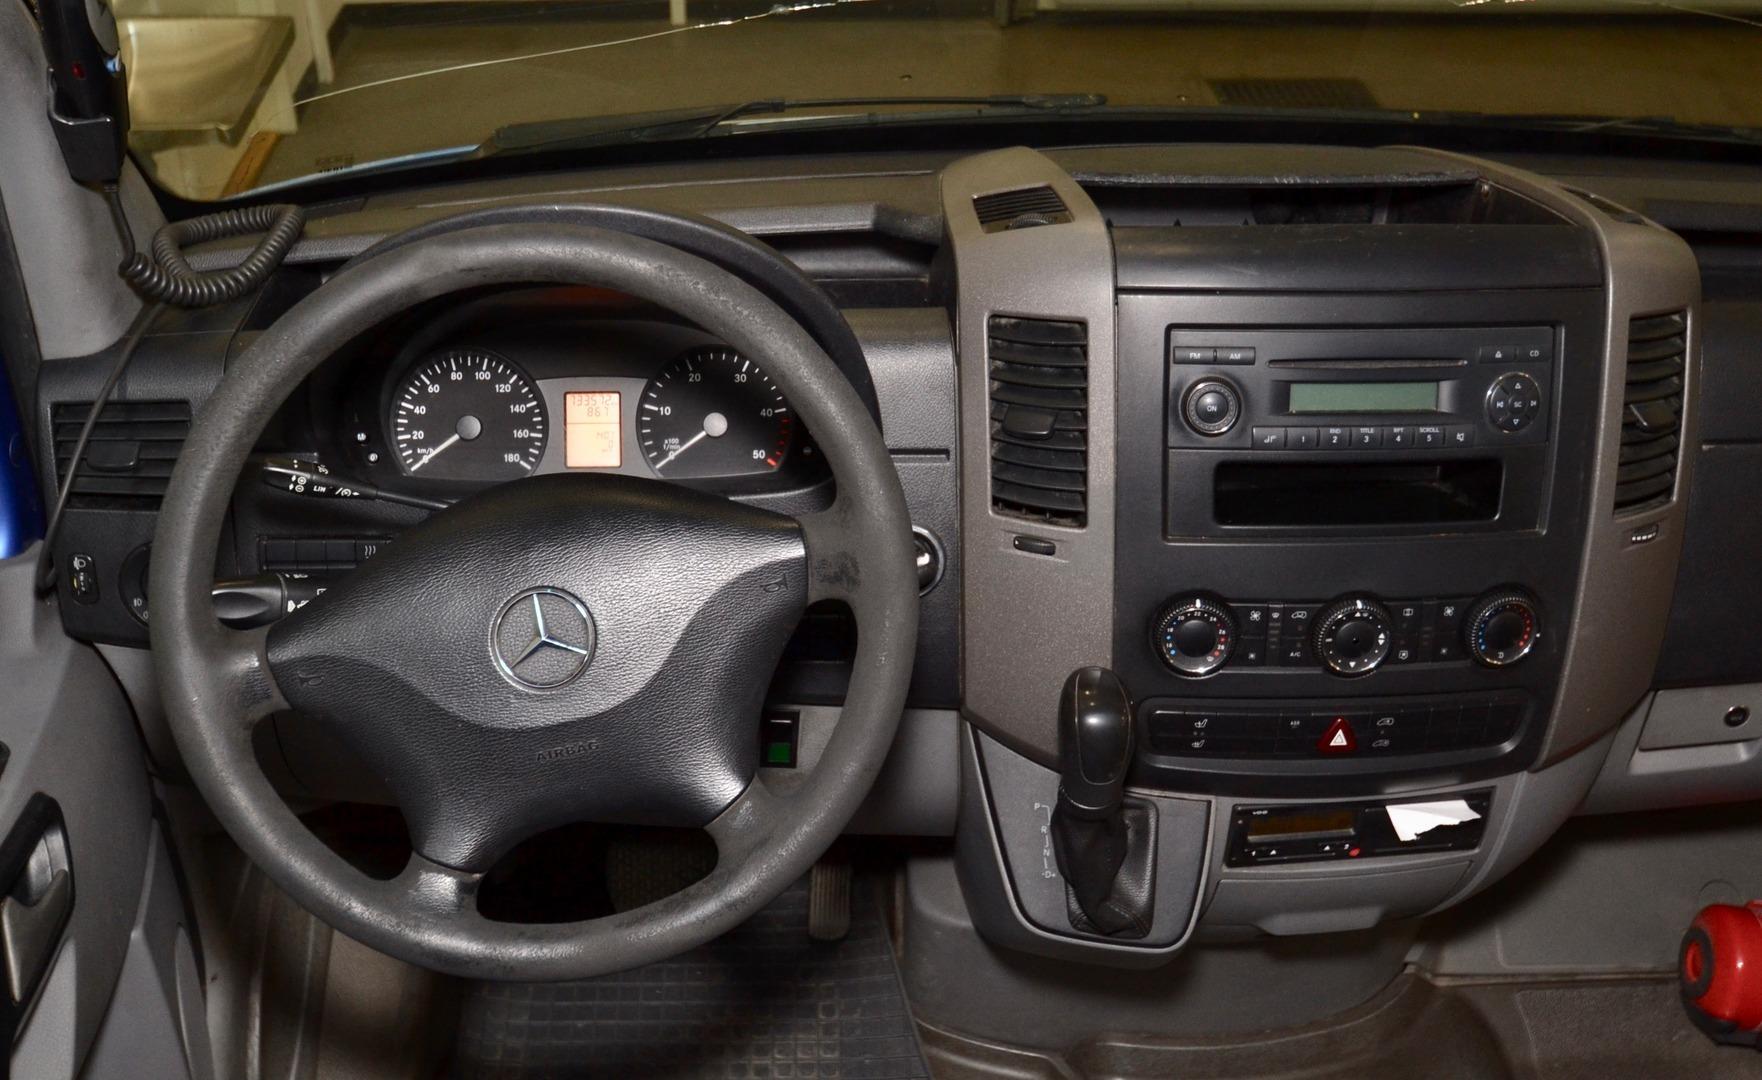 Mercedes-Benz SPRINTER 515 CDI, 21 paikkaa